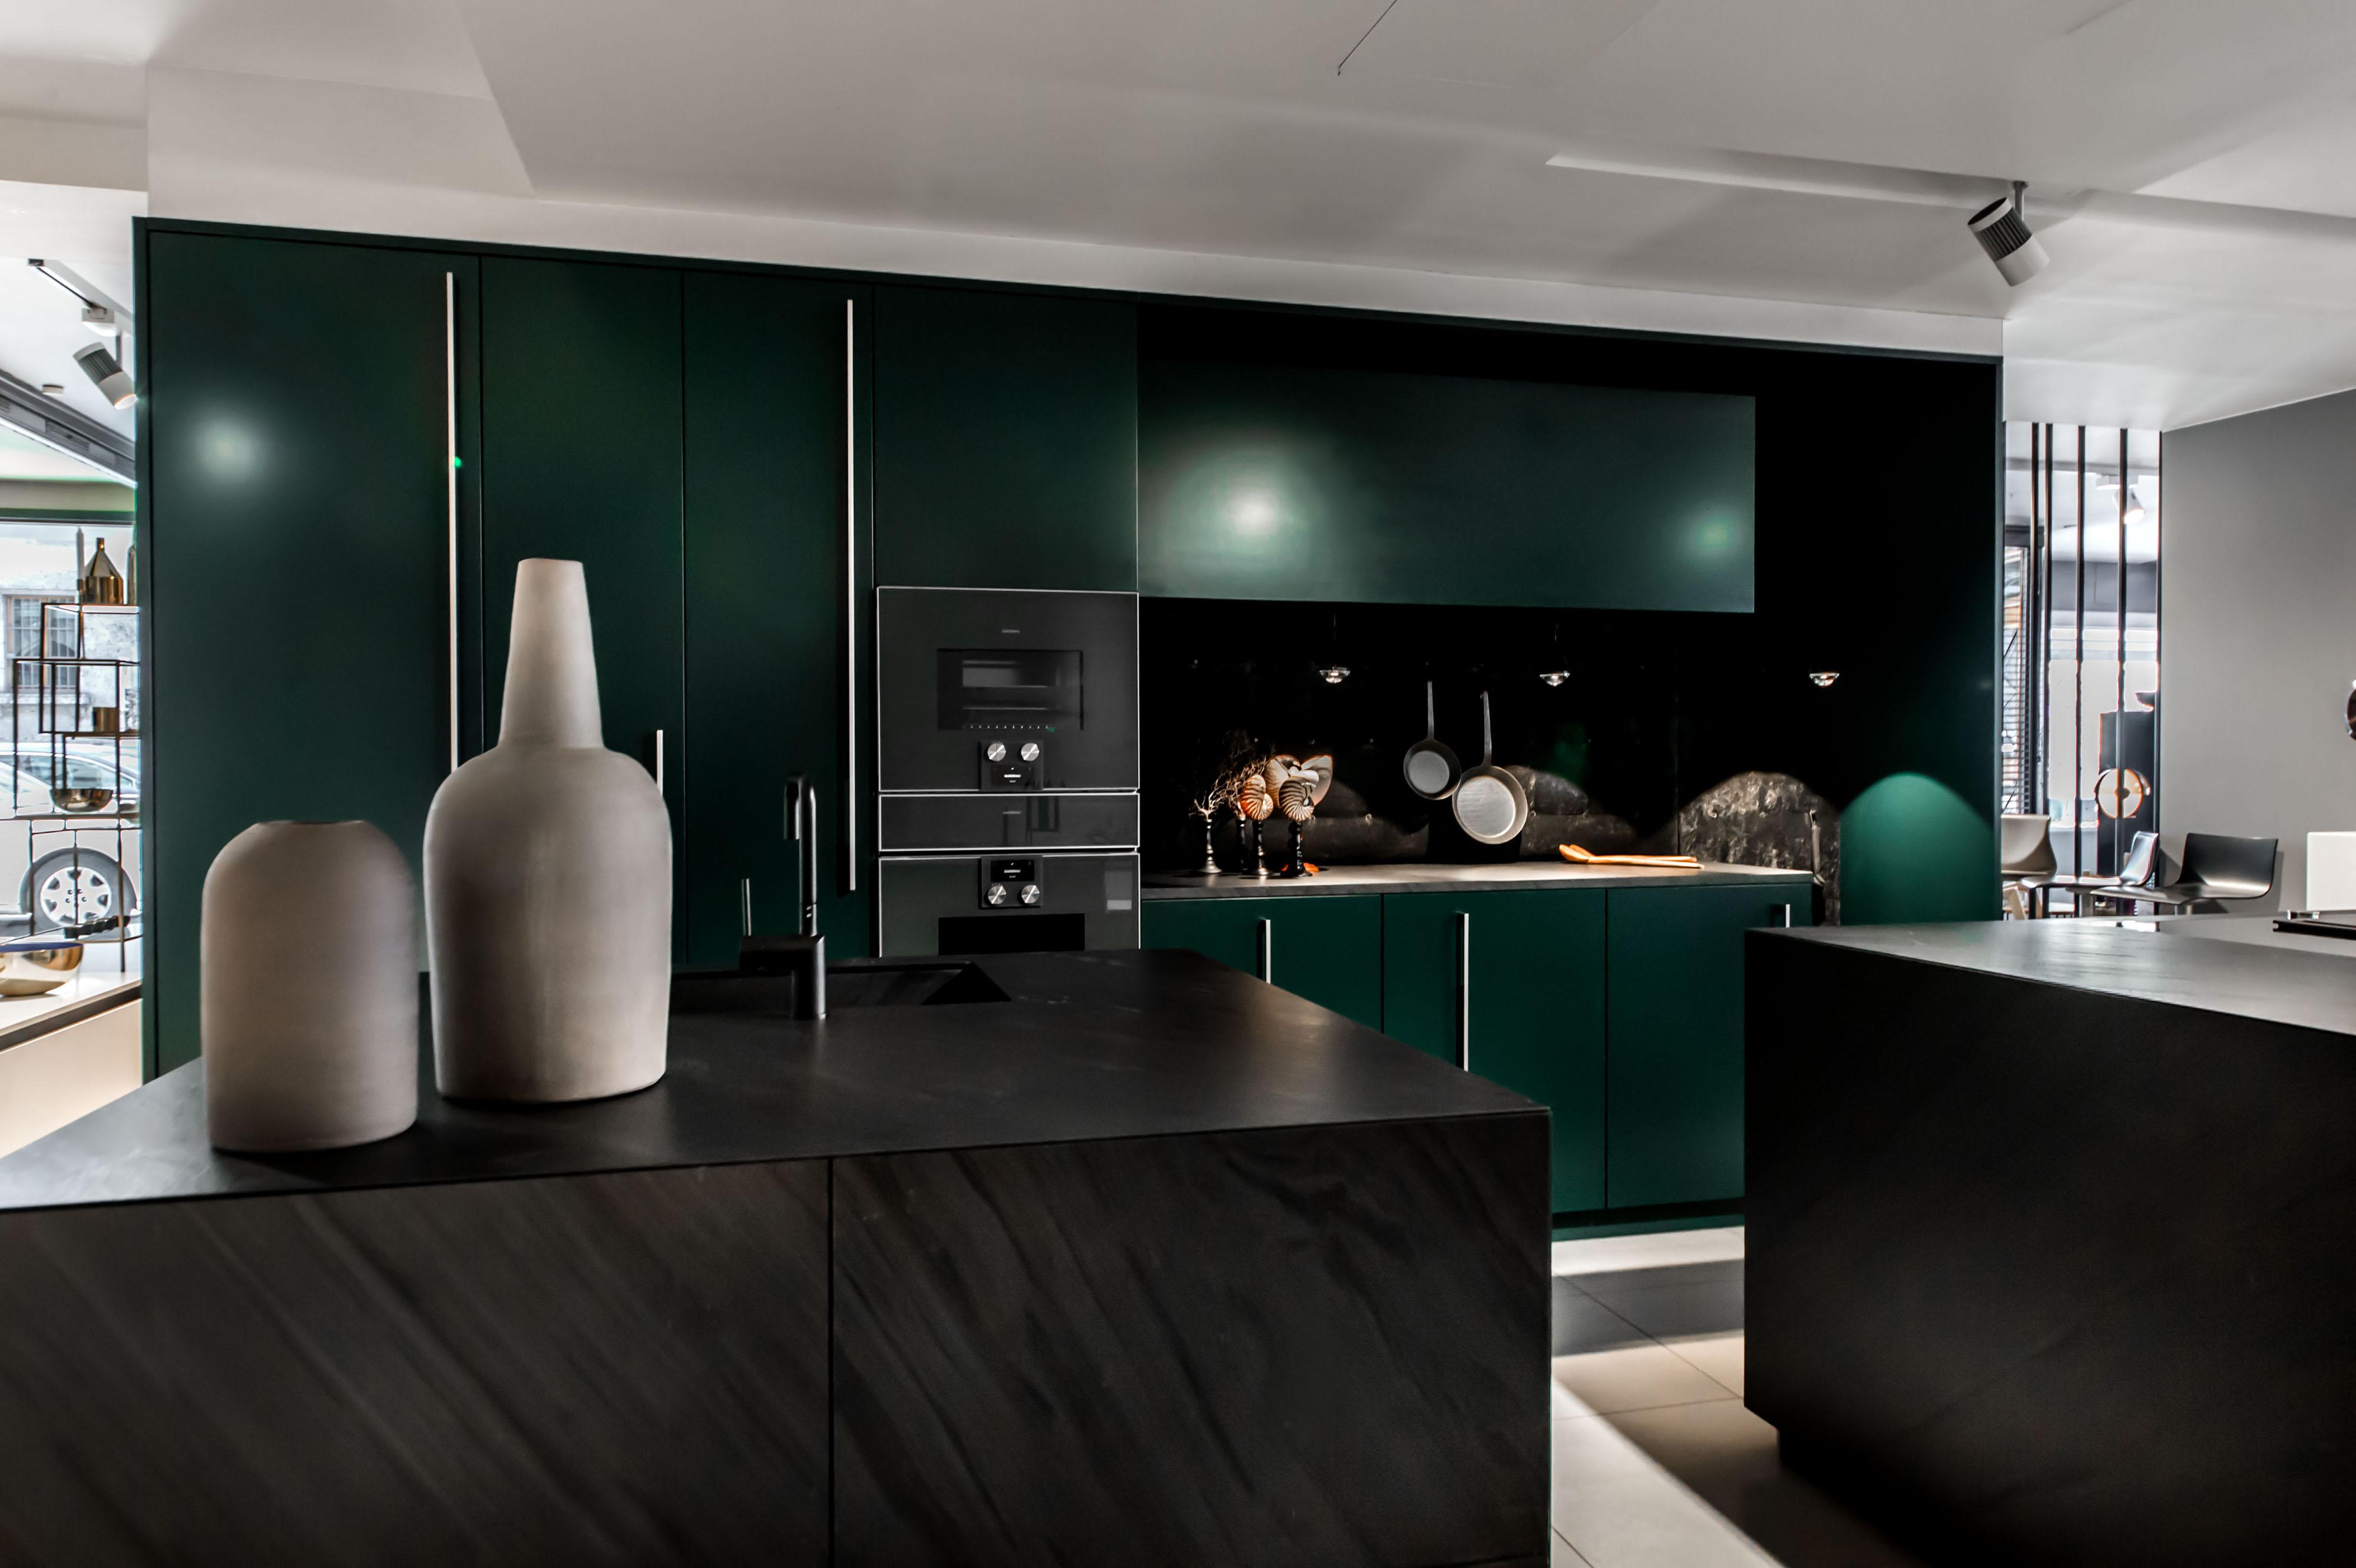 dross schaffer ludwig 6 gmbh k chendesignmagazin lassen sie sich inspirieren. Black Bedroom Furniture Sets. Home Design Ideas